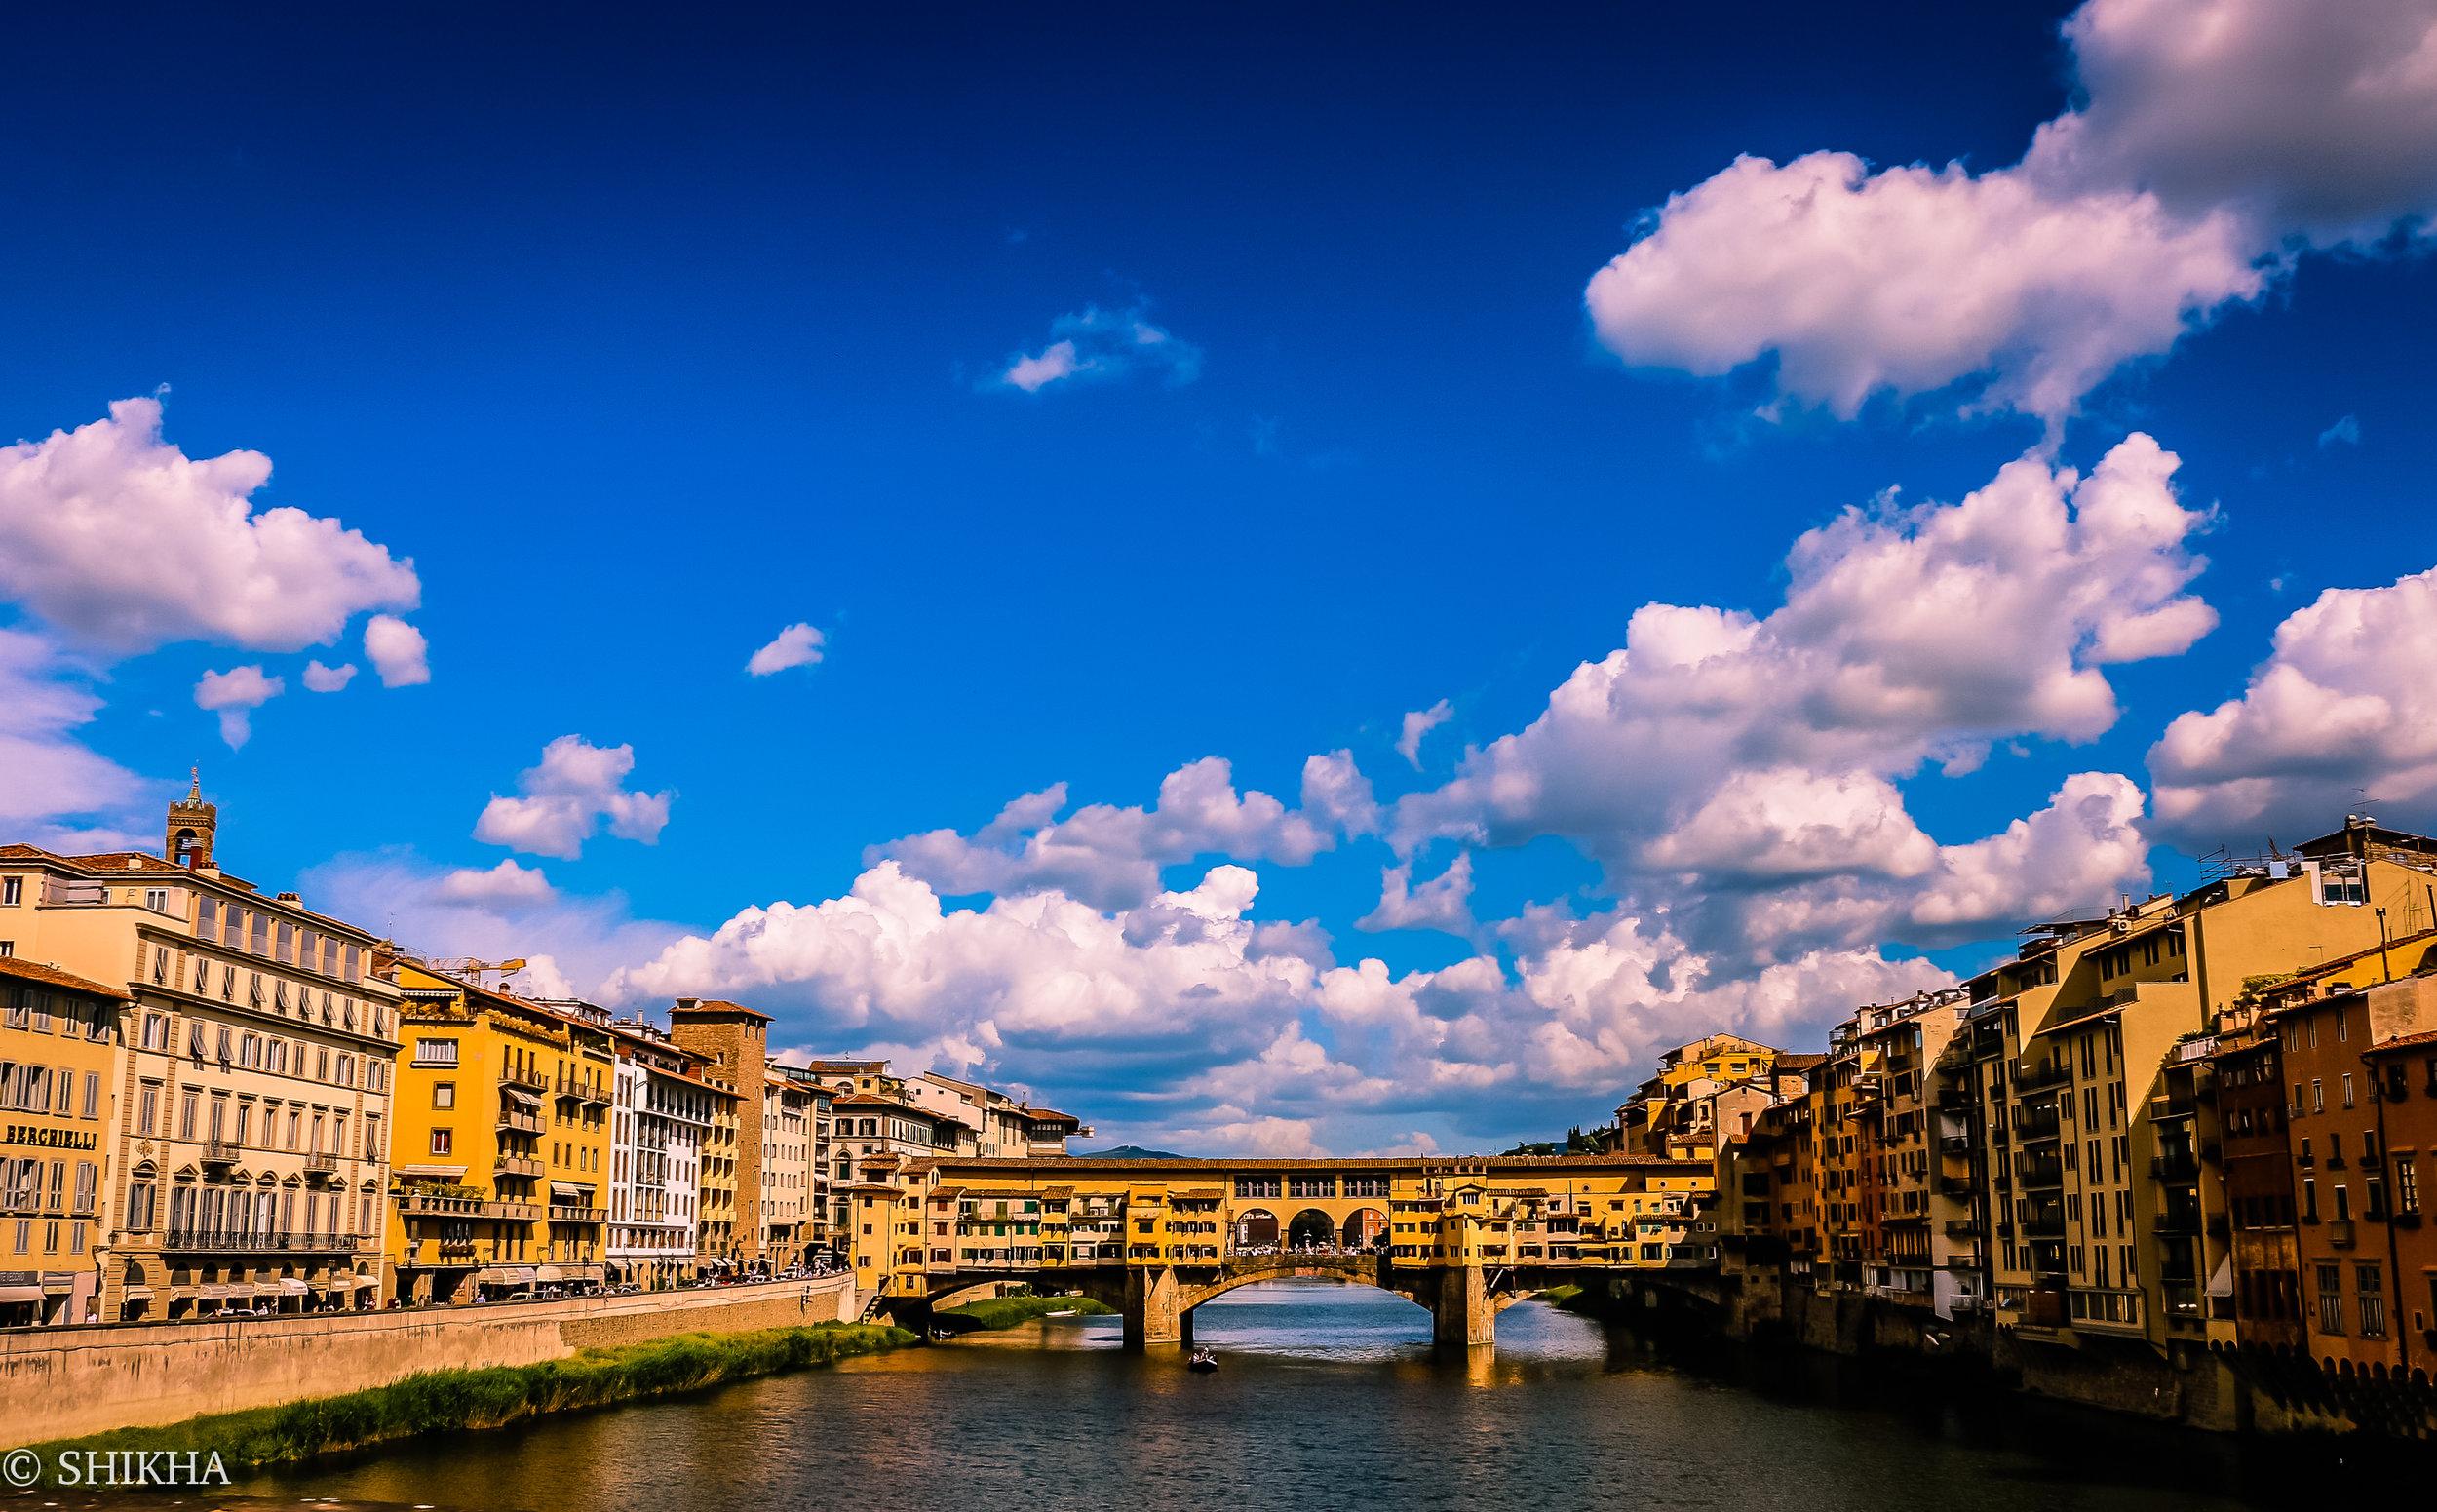 """The famous """"Old Bridge"""" or Ponte Vecchio"""